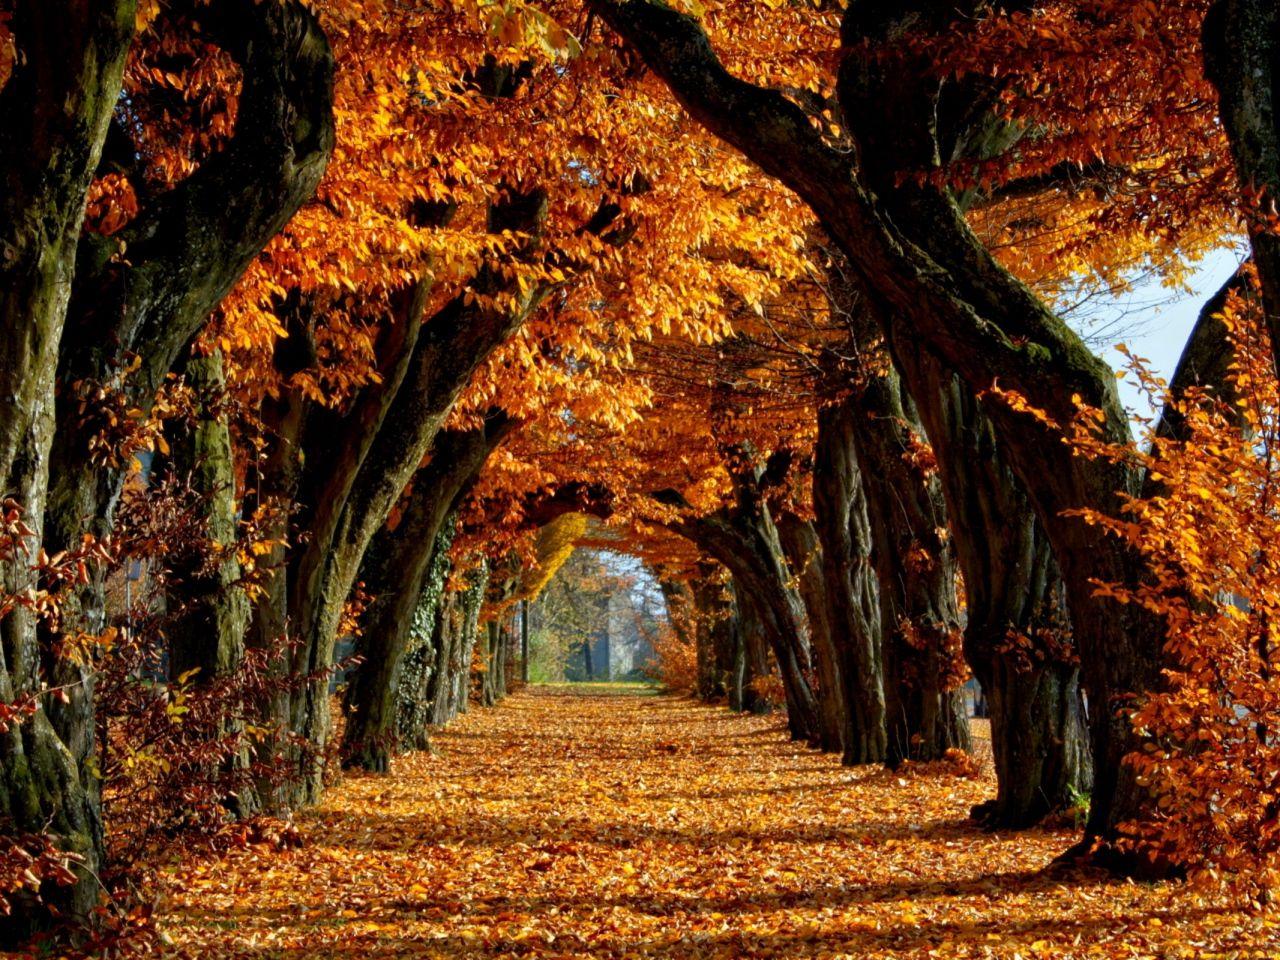 Herbst Bilder Avenue Hintergrundbilder Langzeitvektor Gold Bilder